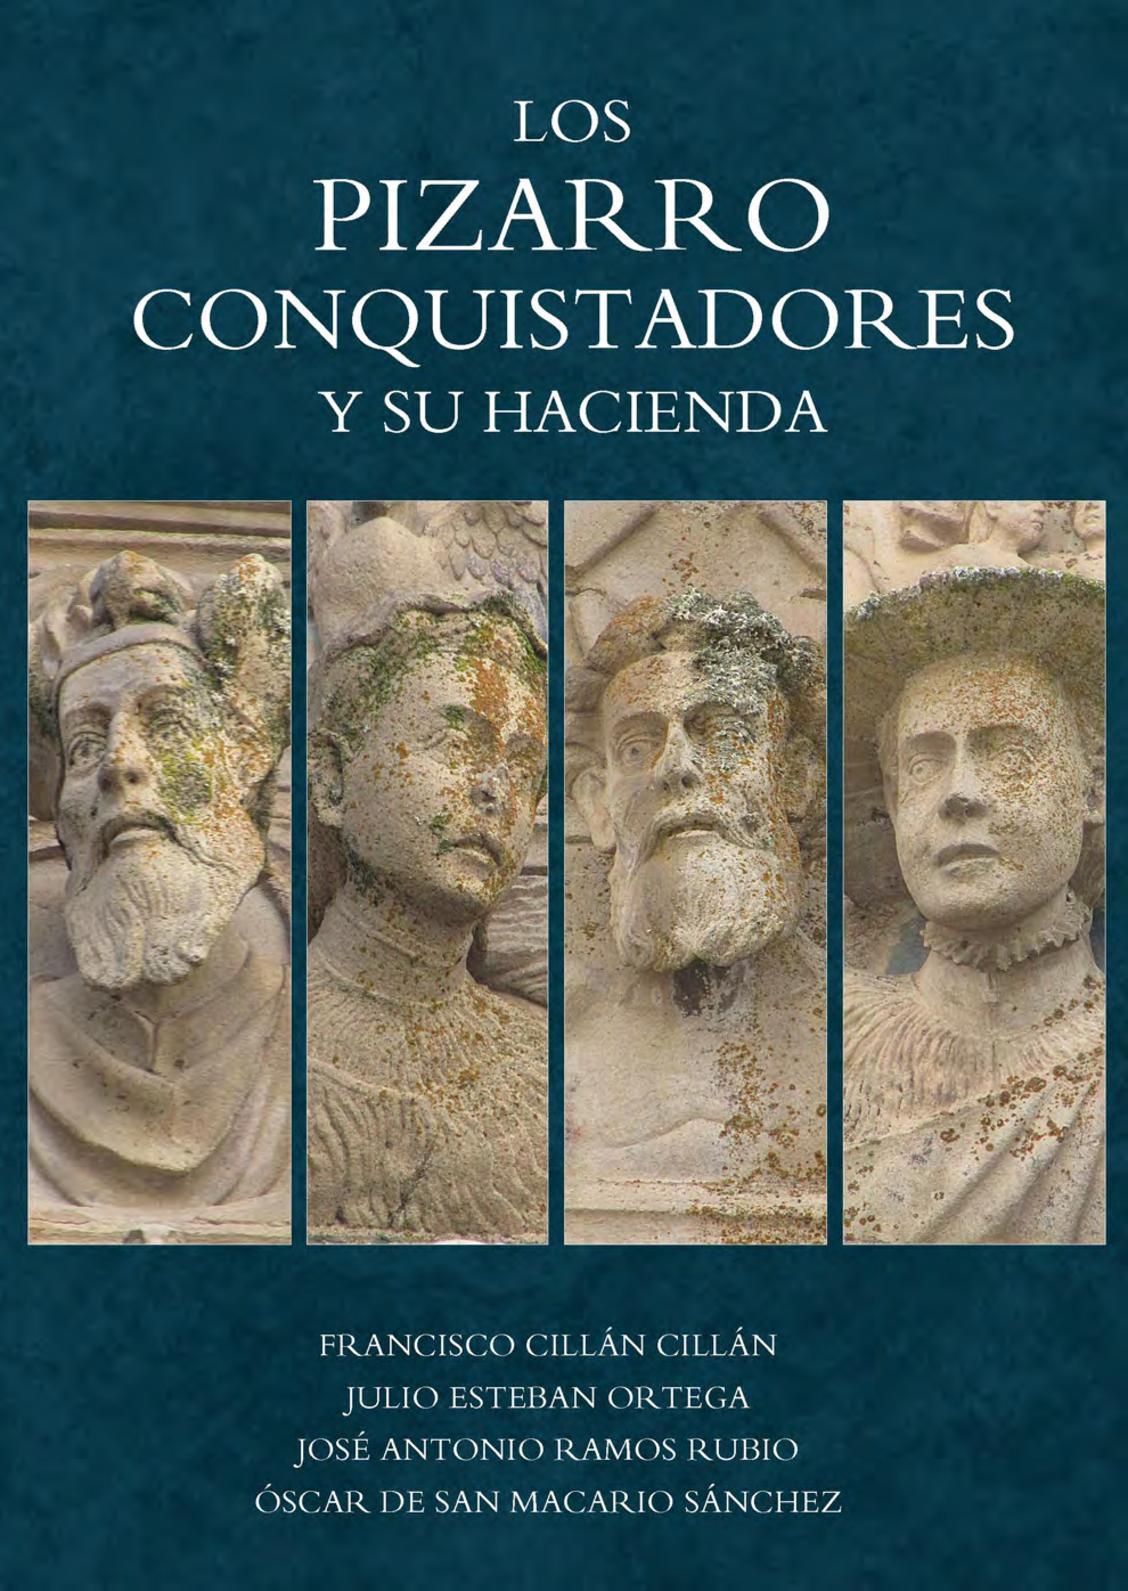 Los Pizarros conquistadores y su hacienda por Francisco Cillán, Julio Esteban, José Antonio Ramos y Oscar de San Macario